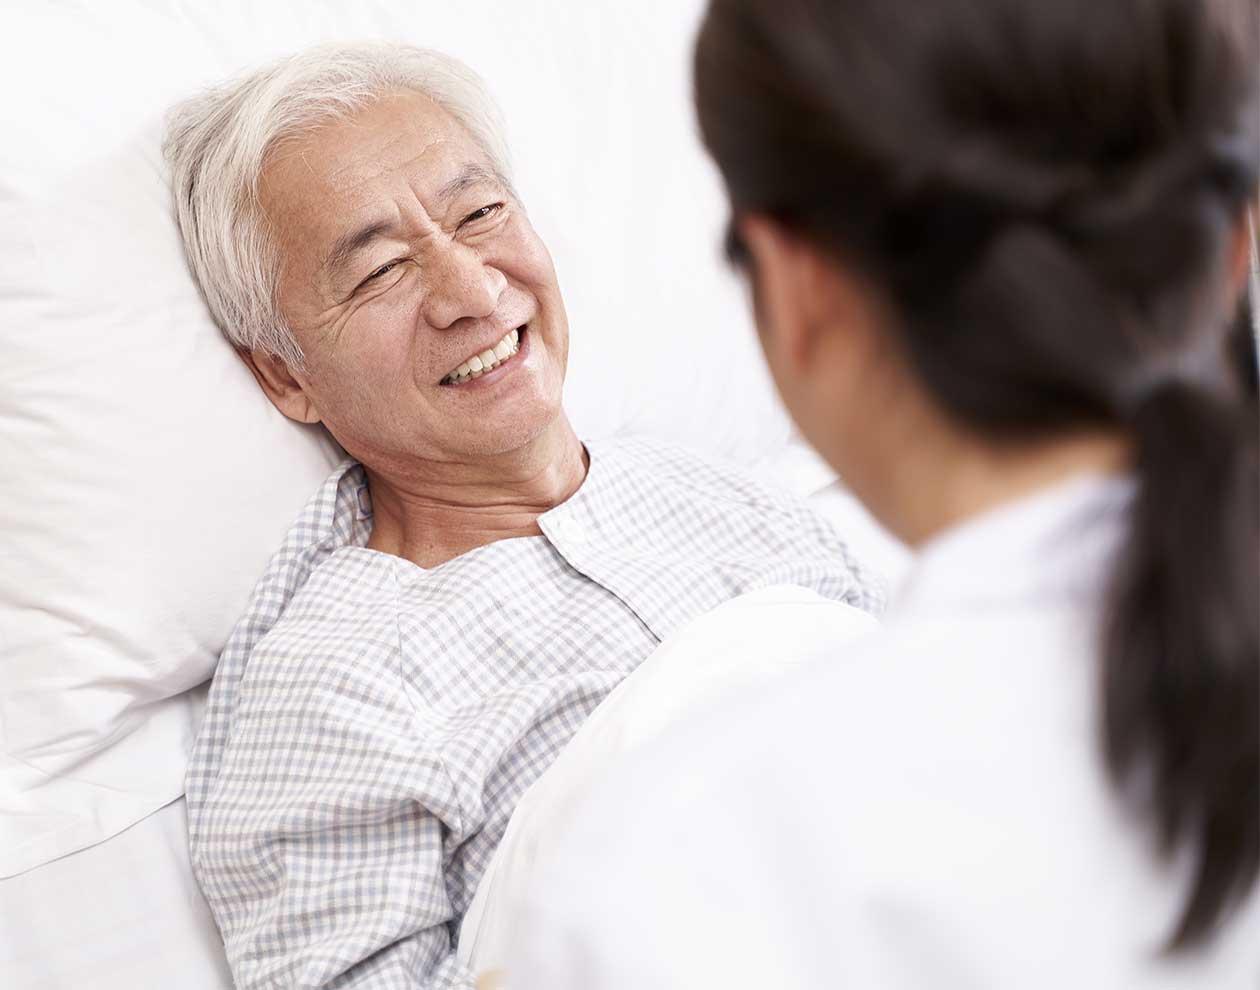 ベッドサイドで患者と話をする医師